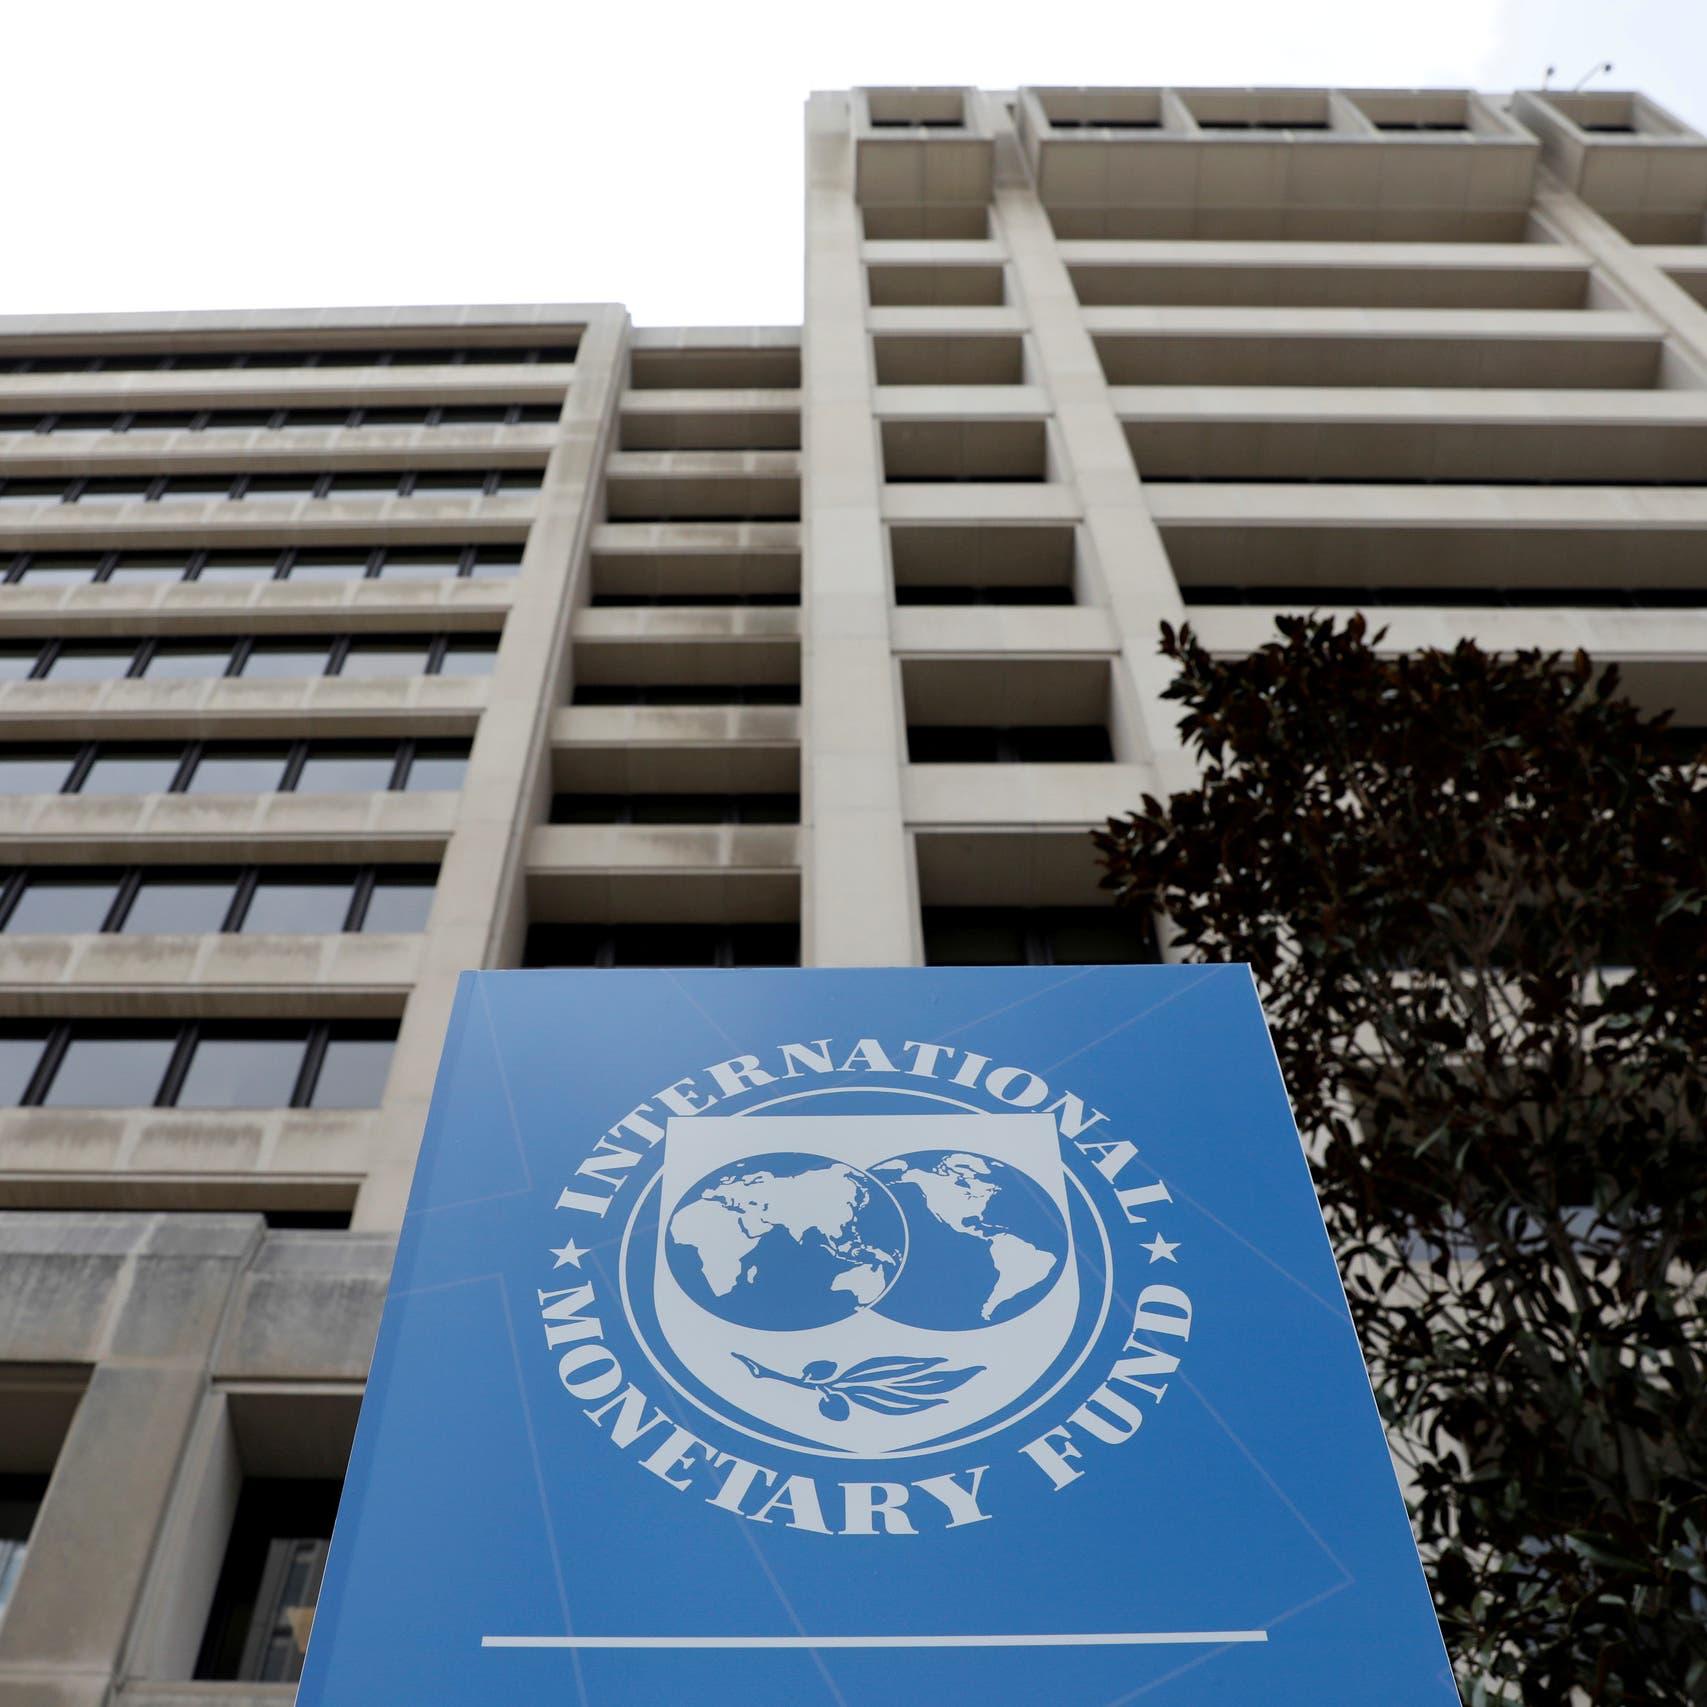 صندوق النقد الدولي يخصص 50 مليار دولار لمكافحة كورونا